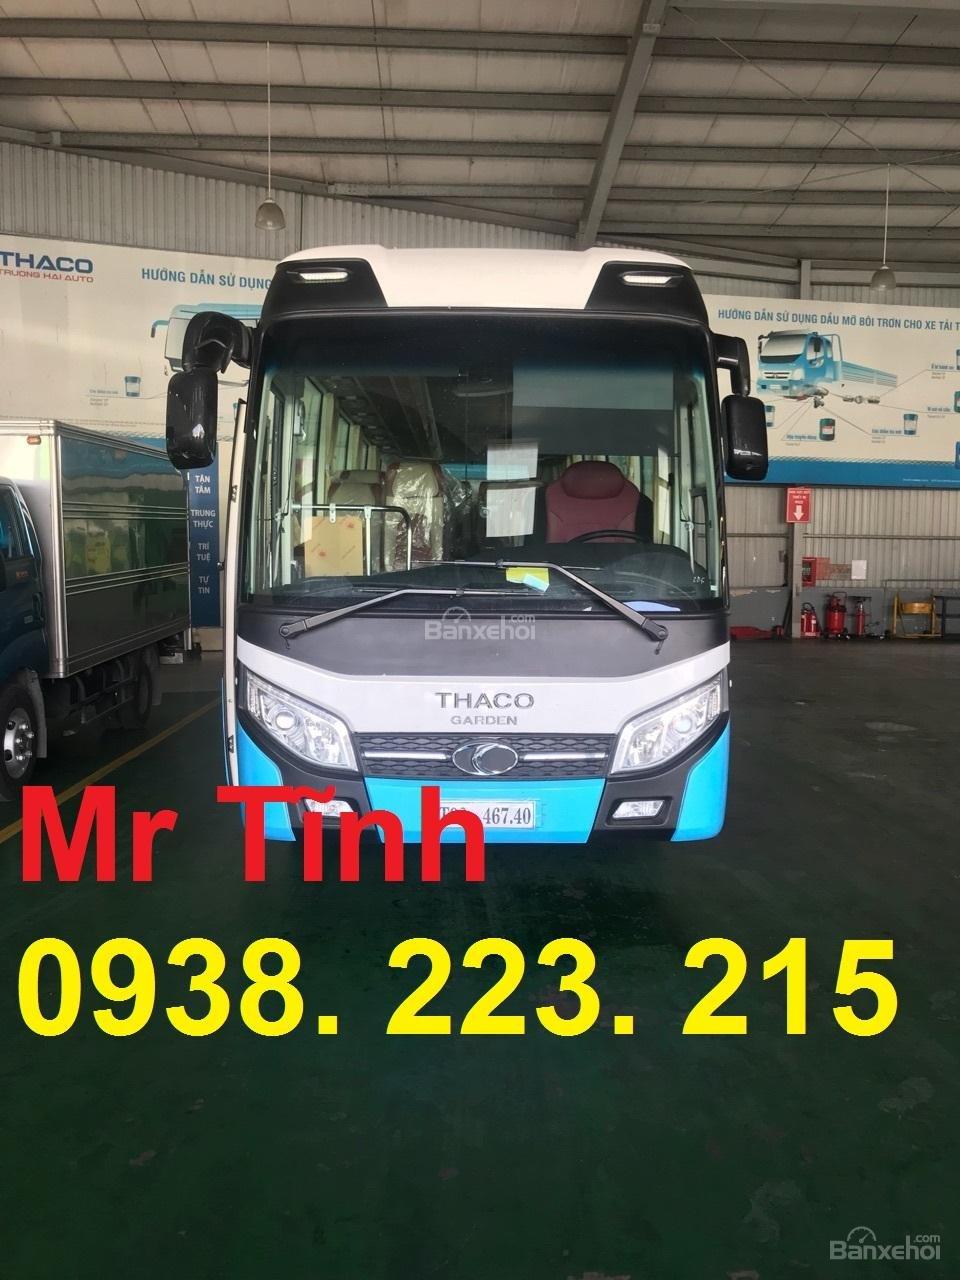 Giá xe TB79 29 chỗ Thaco Trường Hải mới nhất 2018 - hỗ trợ trả góp 75-80% giá trị xe (2)